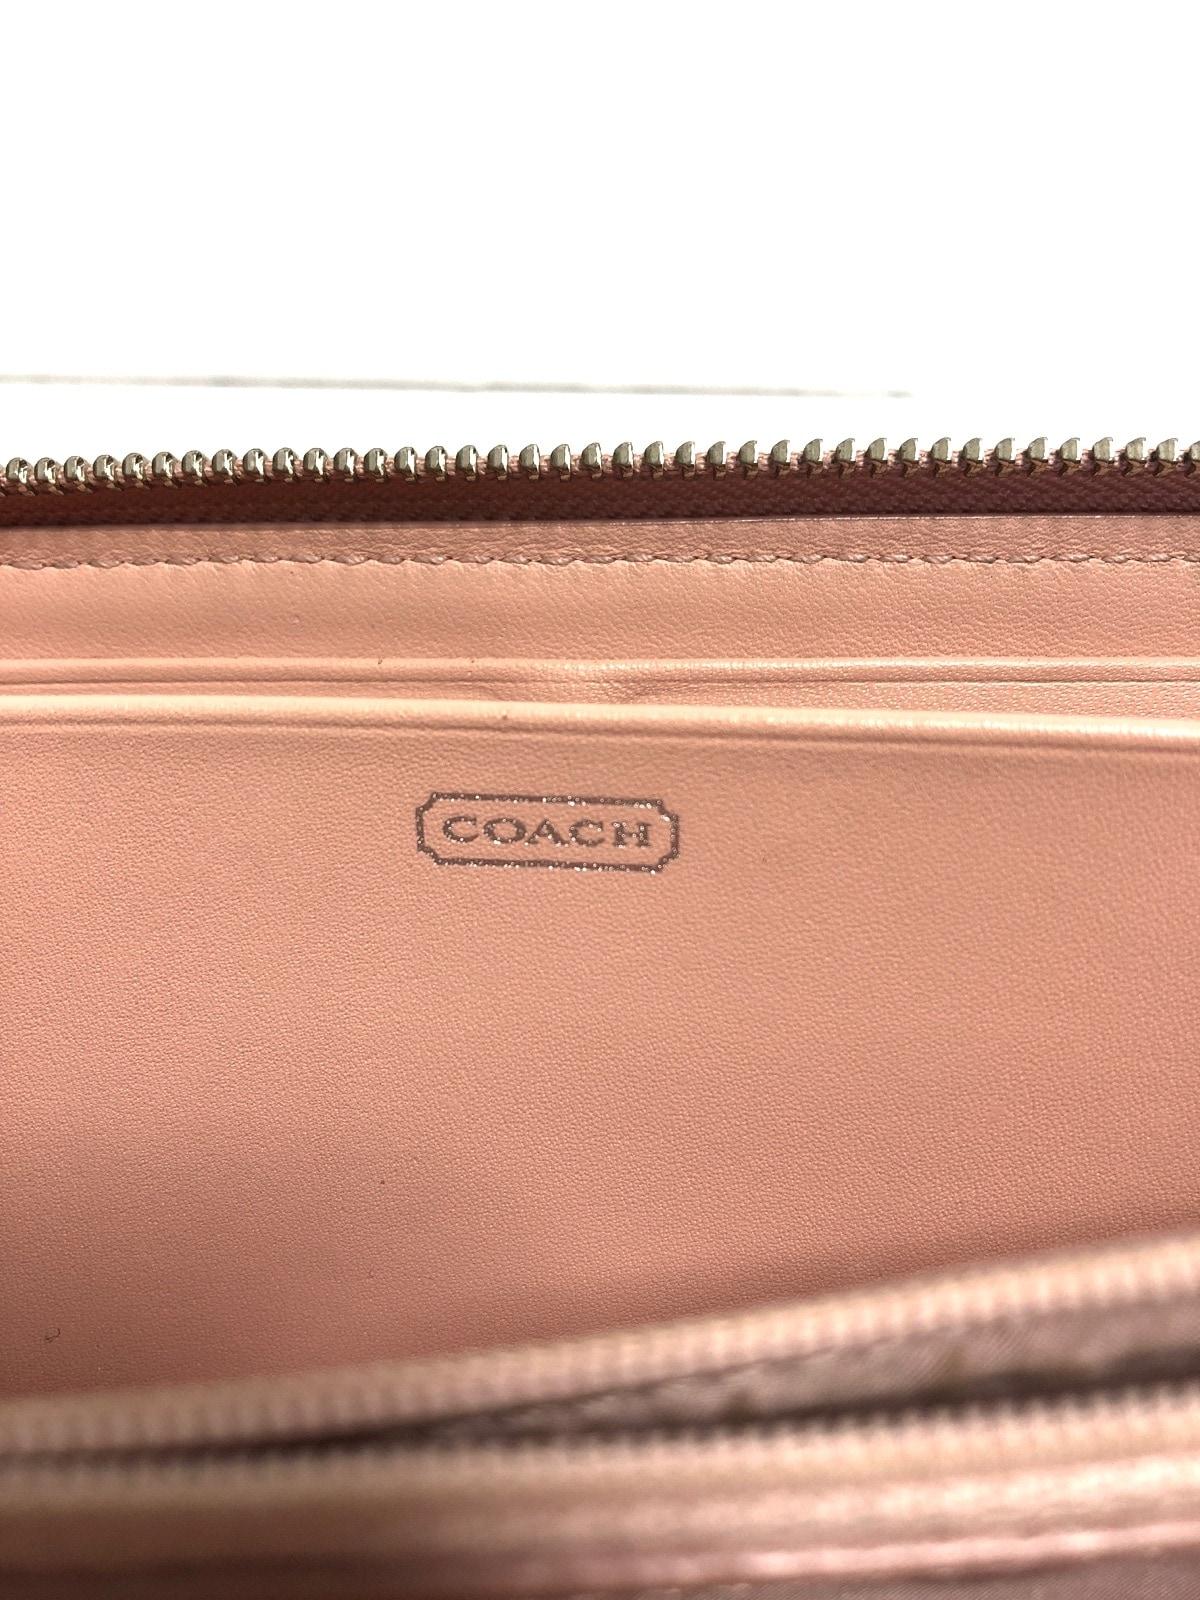 7c27614dd430 ... COACH(コーチ) 長財布 - ピンク ラウンドファスナー/ギャザー レザー 5 ...